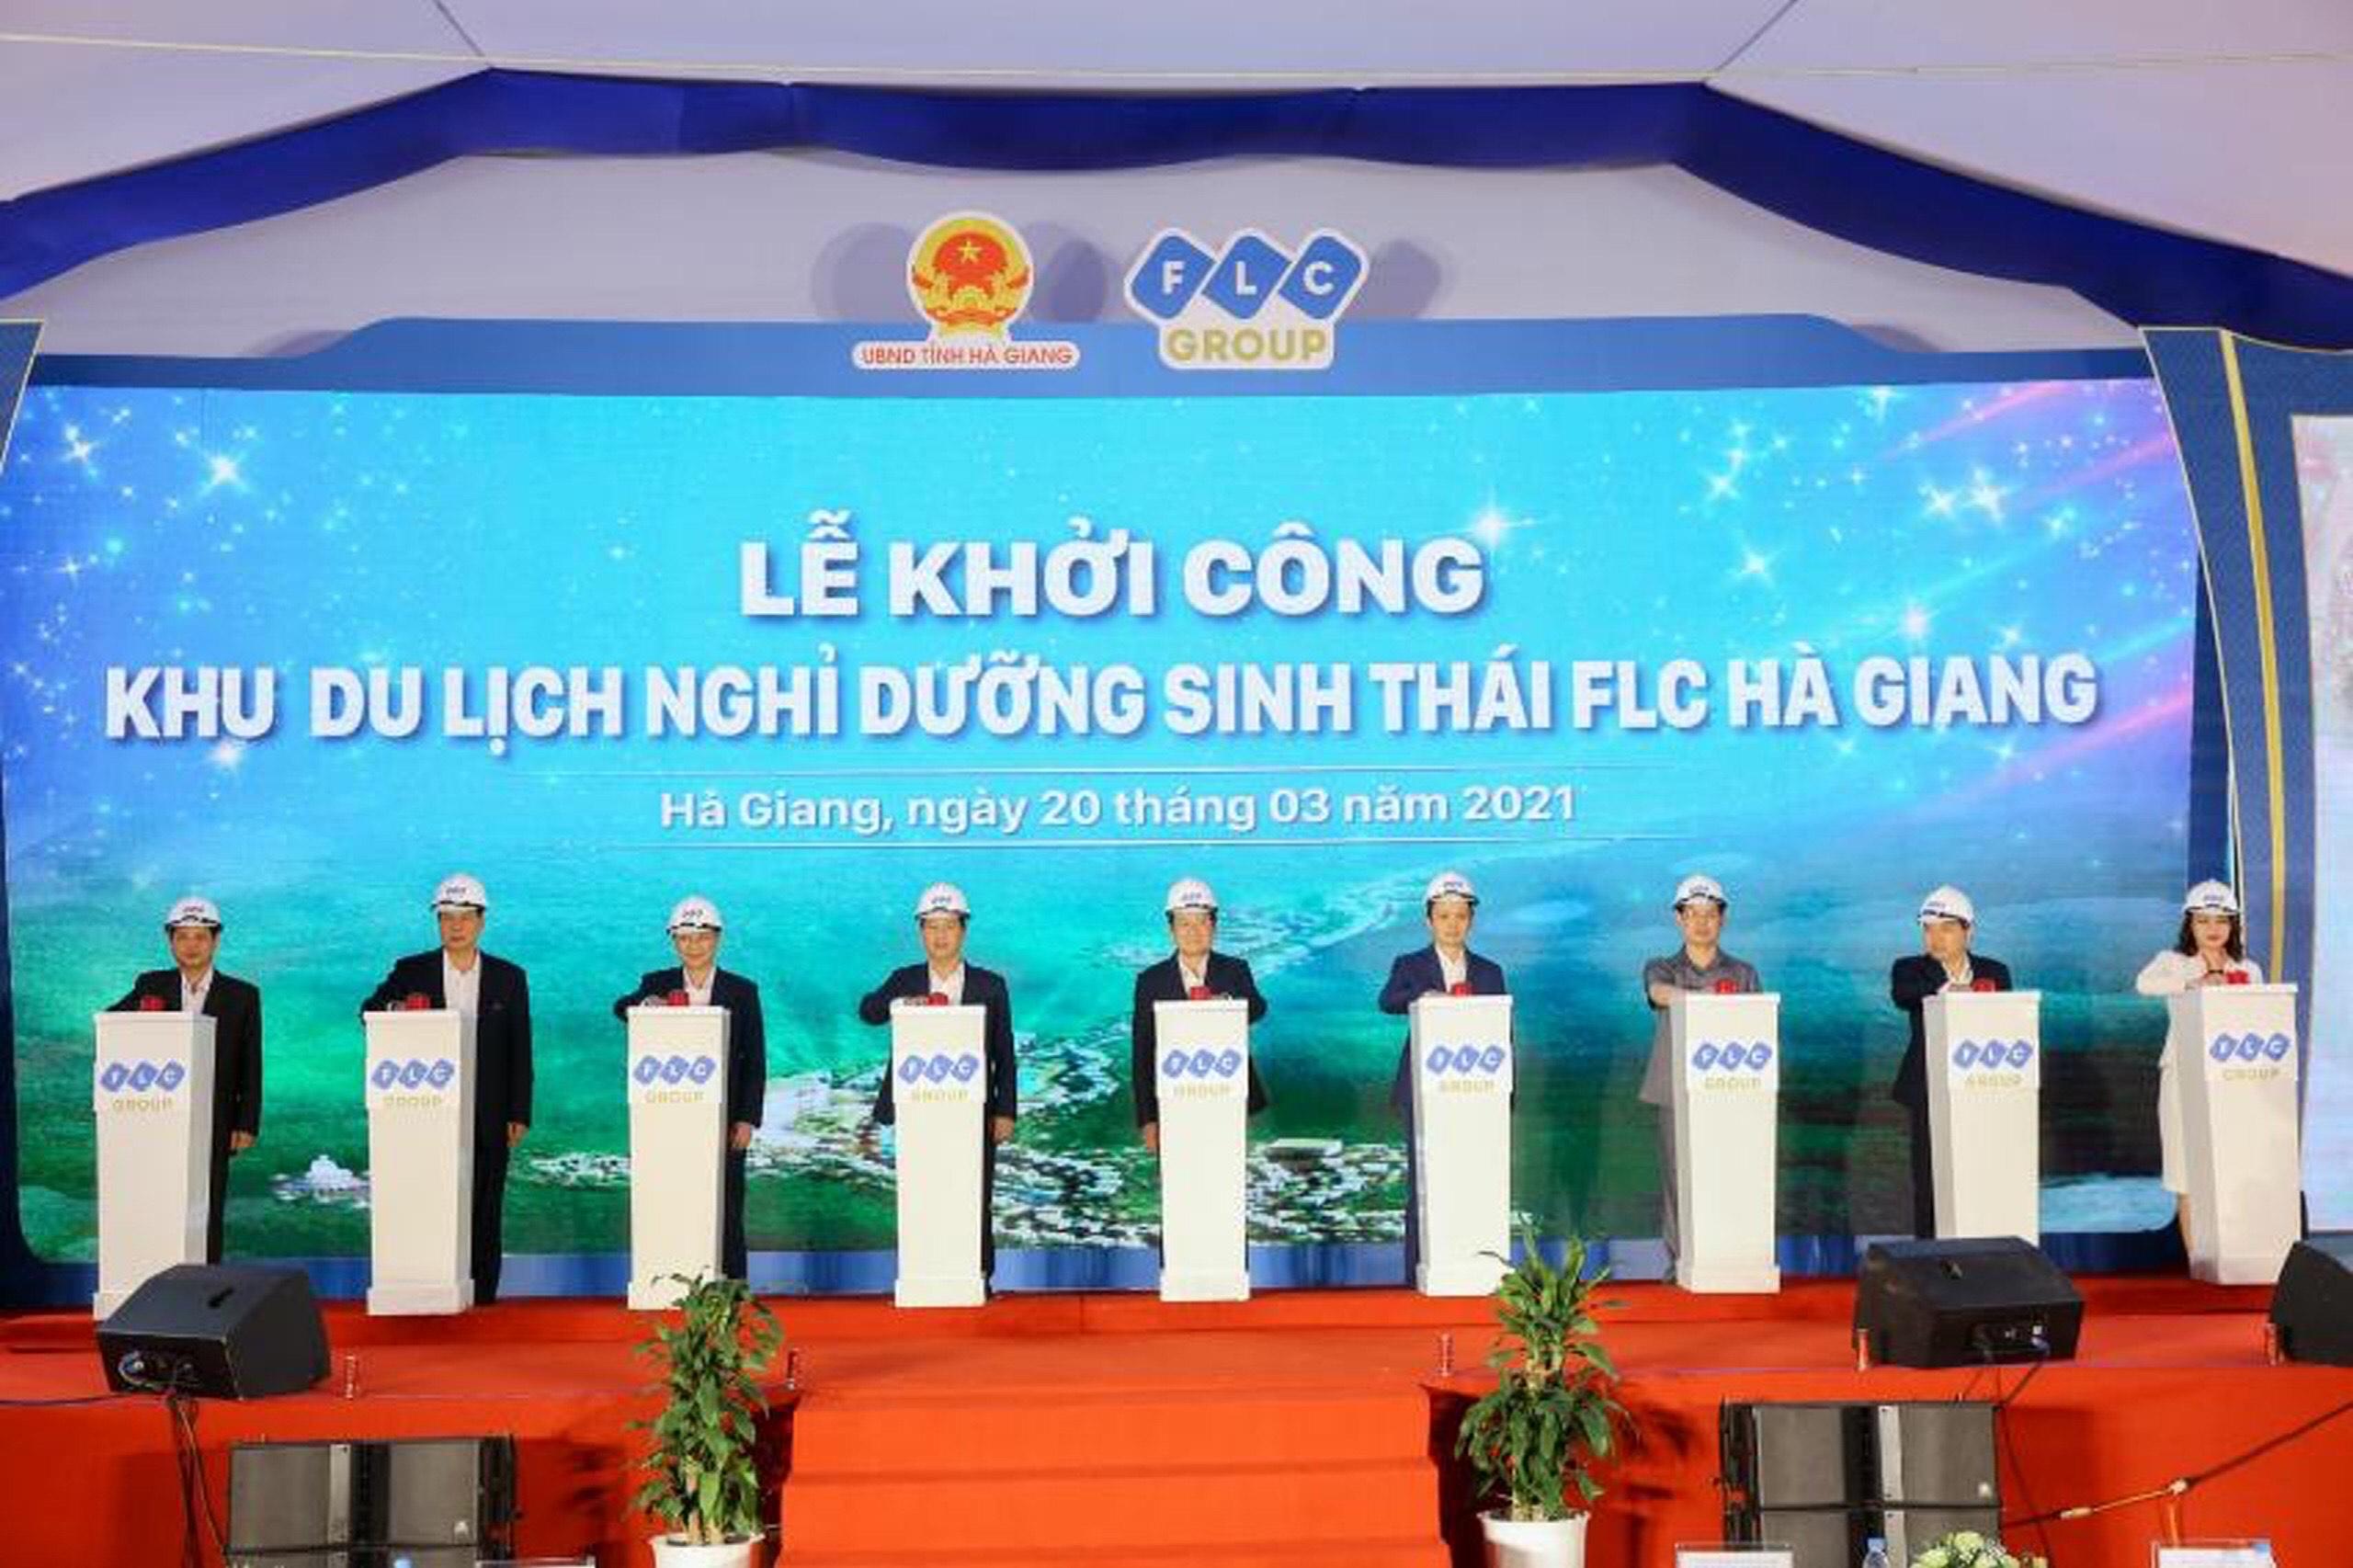 Tập đoàn FLC khởi công xây dựng khu du lịch nghỉ dưỡng sinh thái cao cấp tại Hà Giang